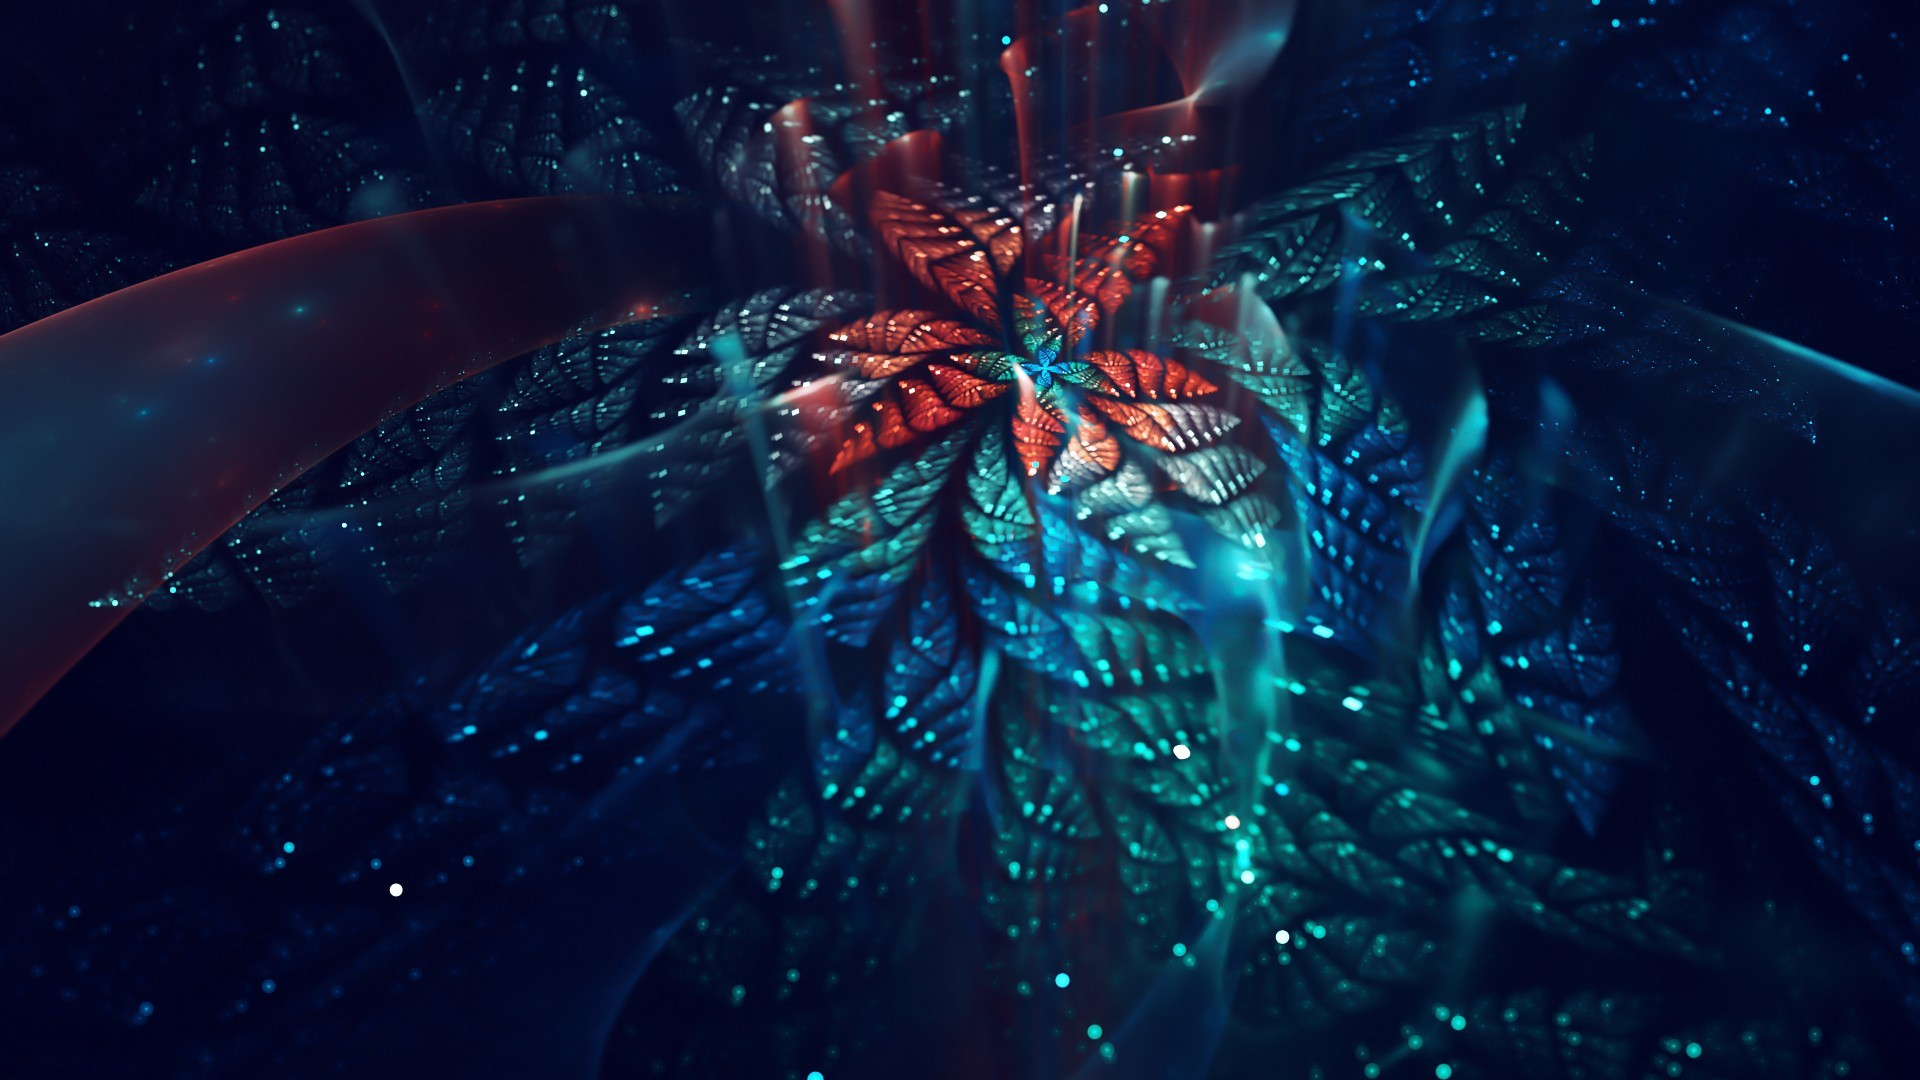 … Background Full HD 1080p. Wallpaper fractal, flower, shiny,  fractal art